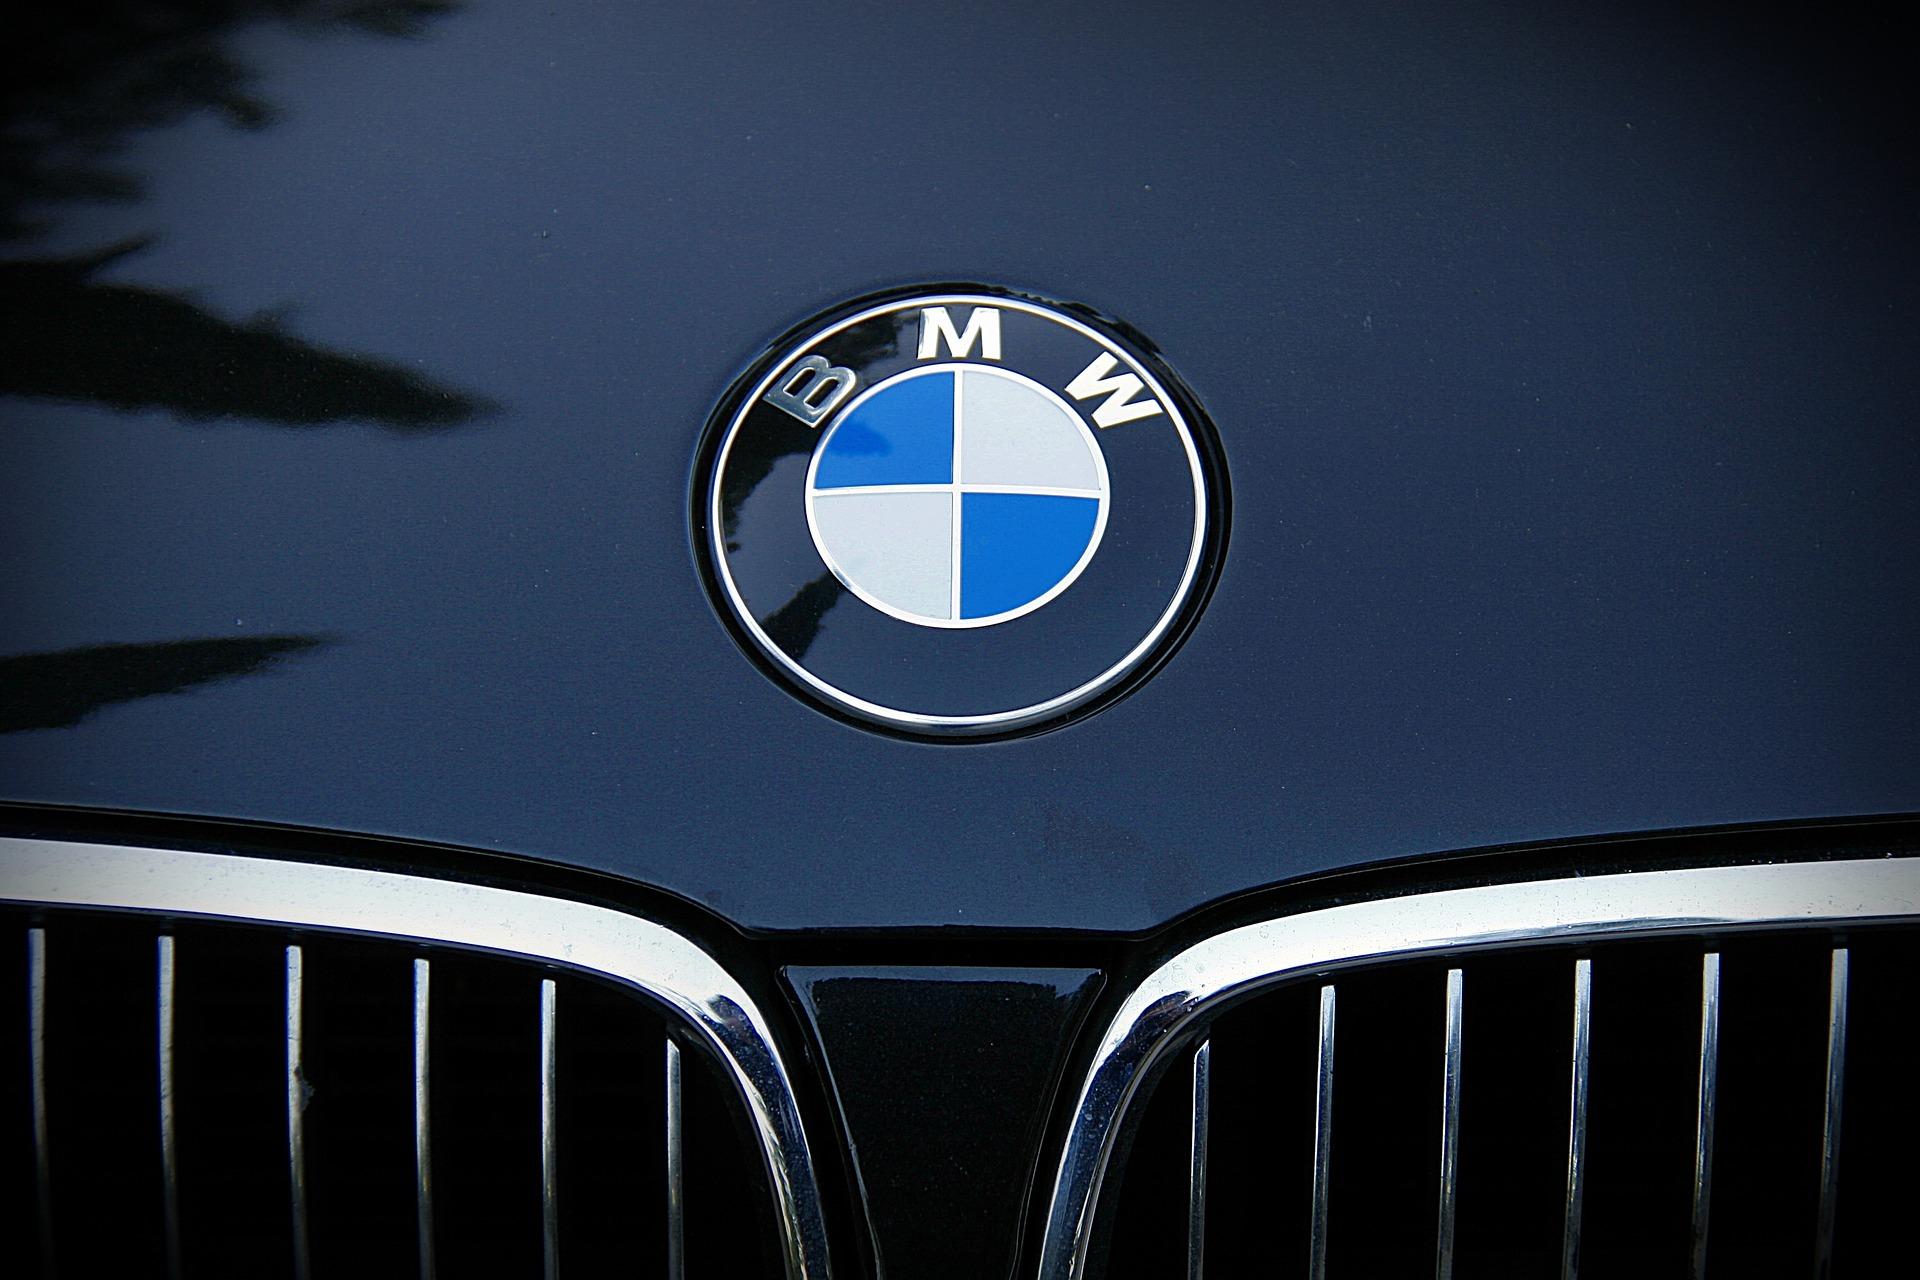 BMW lanzará su programa de recompensas para clientes basado en blockchain